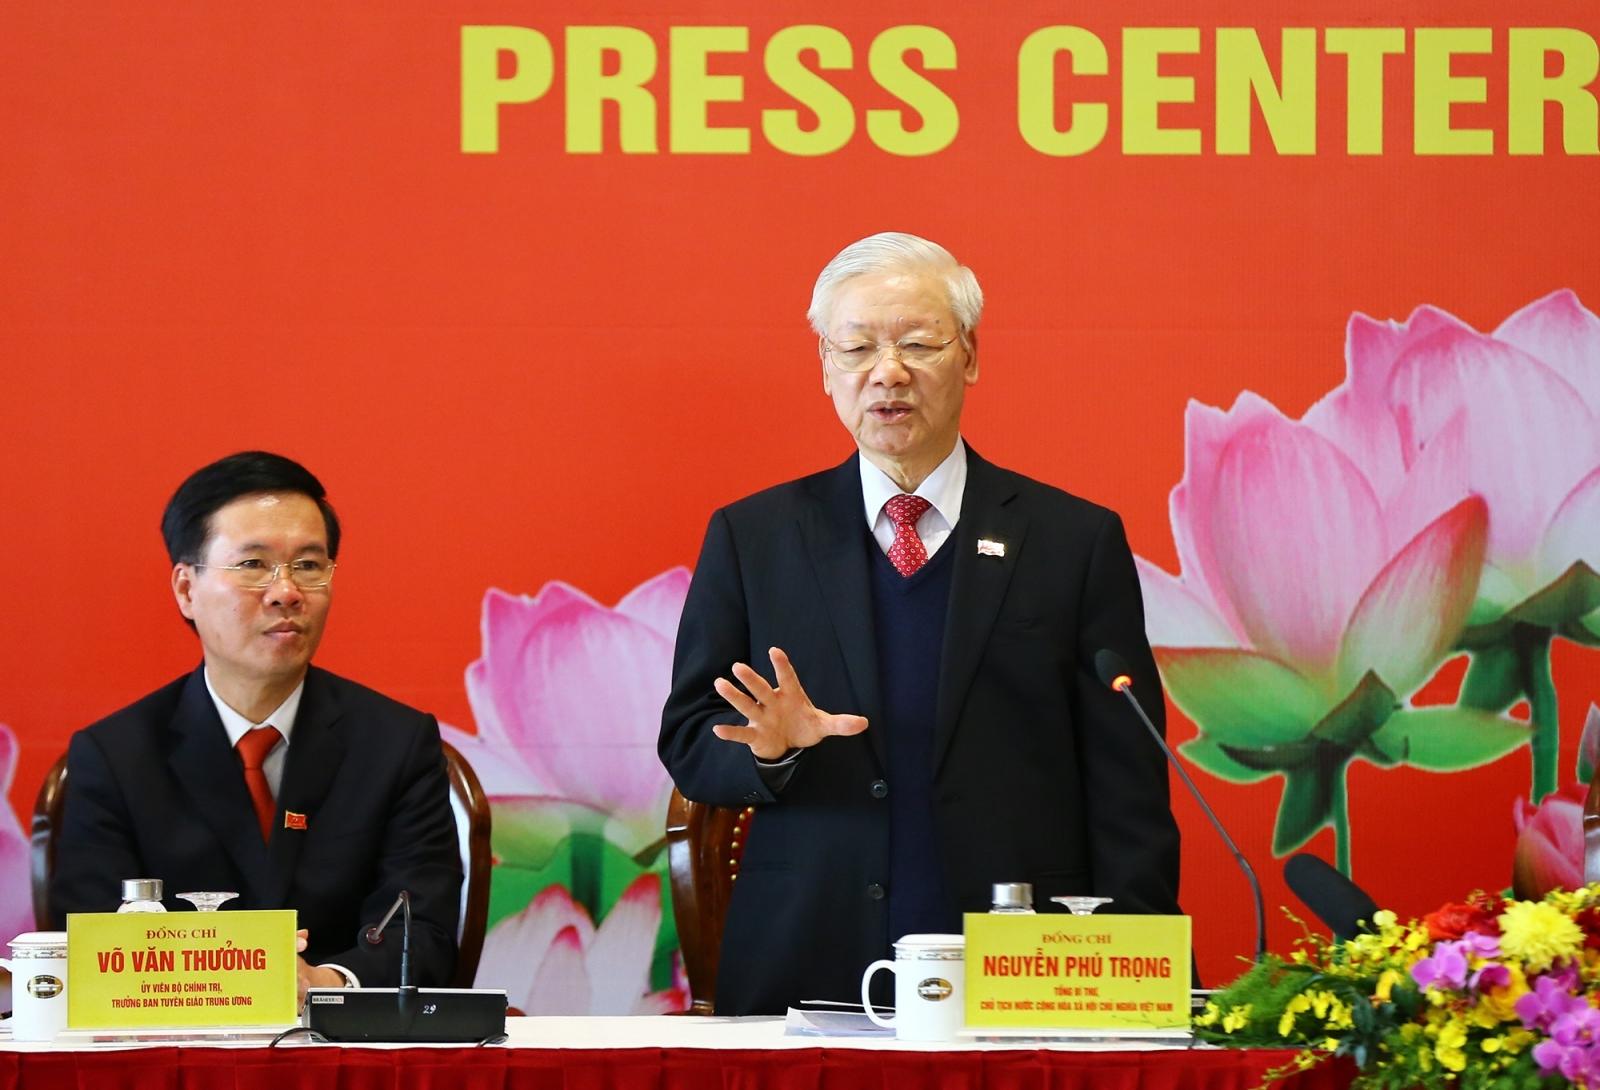 Tổng Bí thư, Chủ tịch nước Nguyễn Phú Trọng: Đại hội XIII đã rất thành công